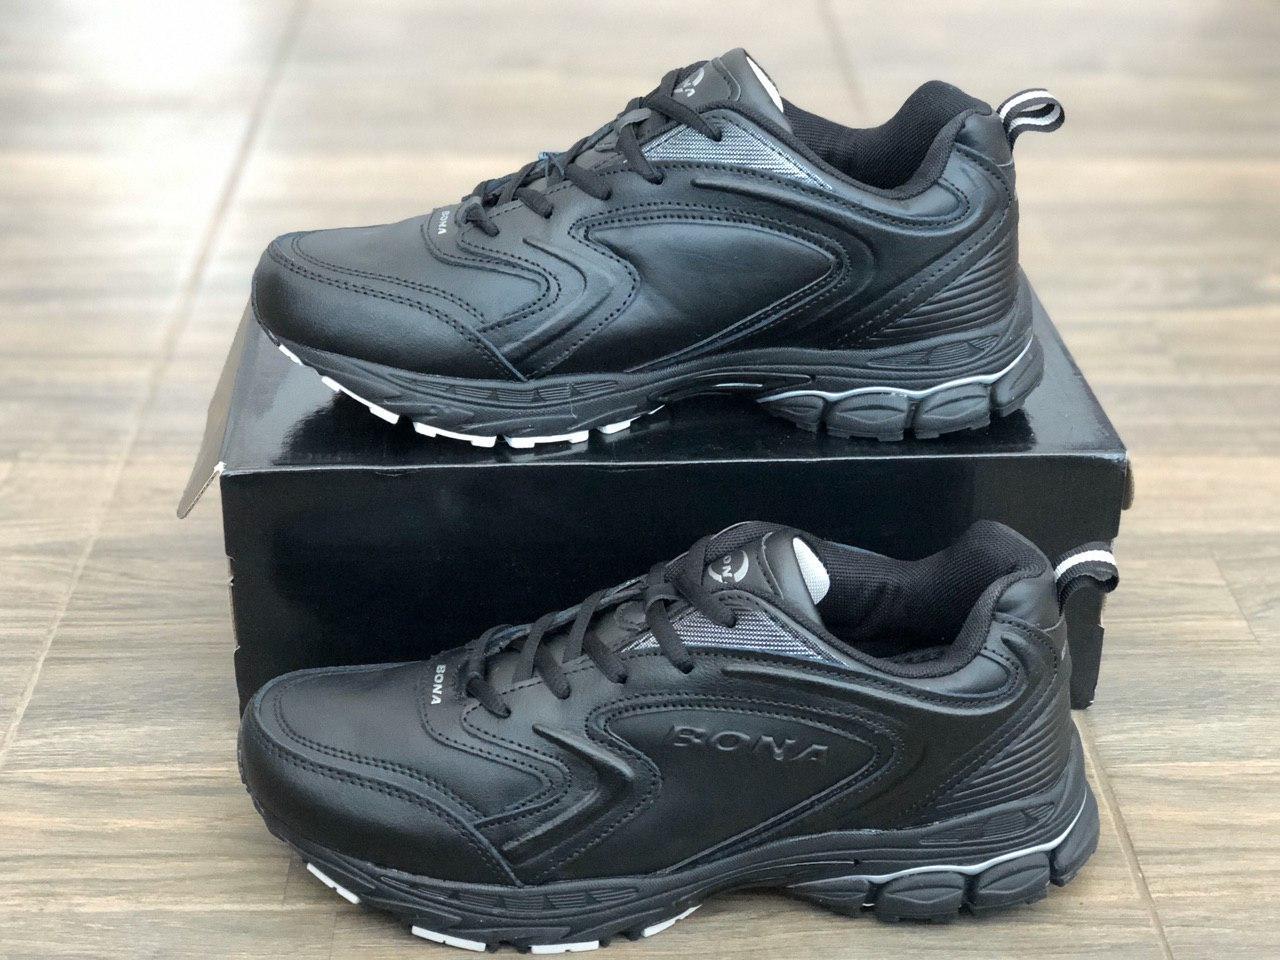 Кожаные мужские туфли кроссовки кожаные BONA 755 размеры 41,43,44